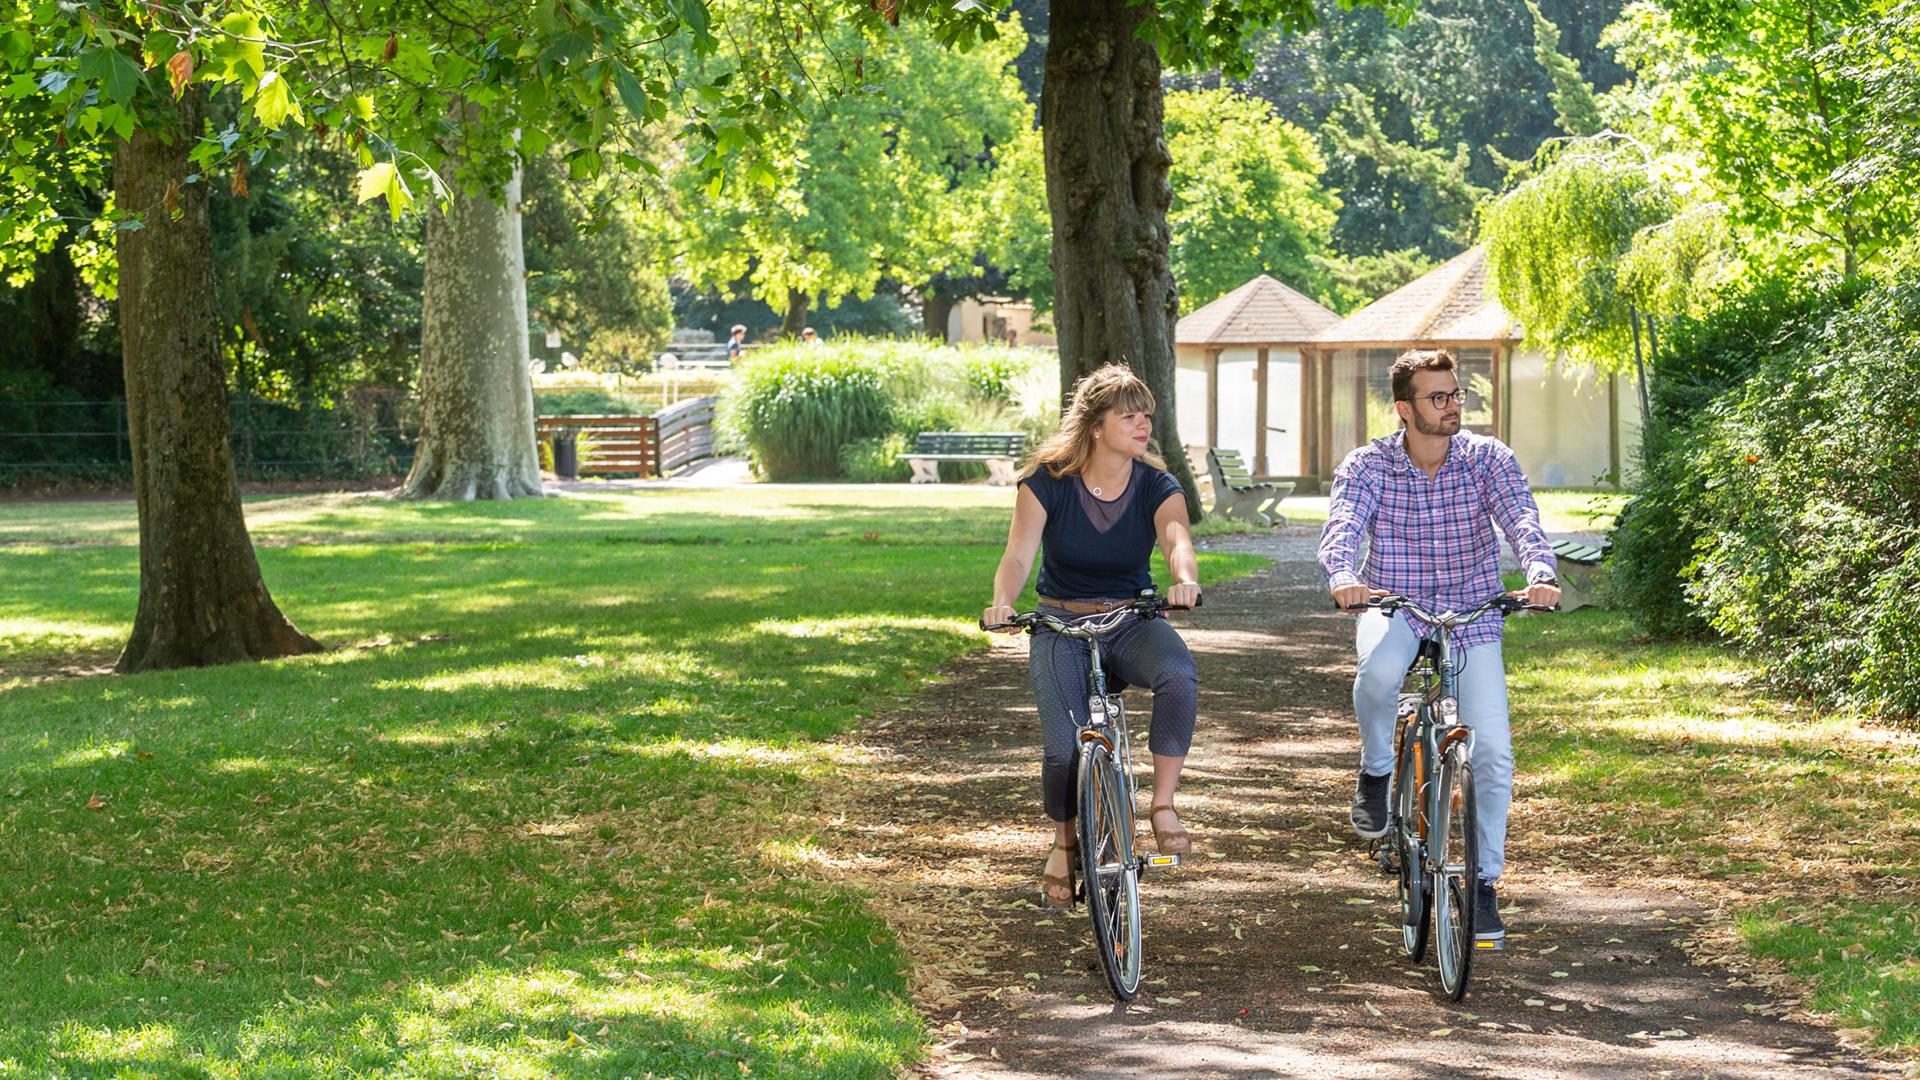 Balade à vélo dans le parc des bords de l'Eure